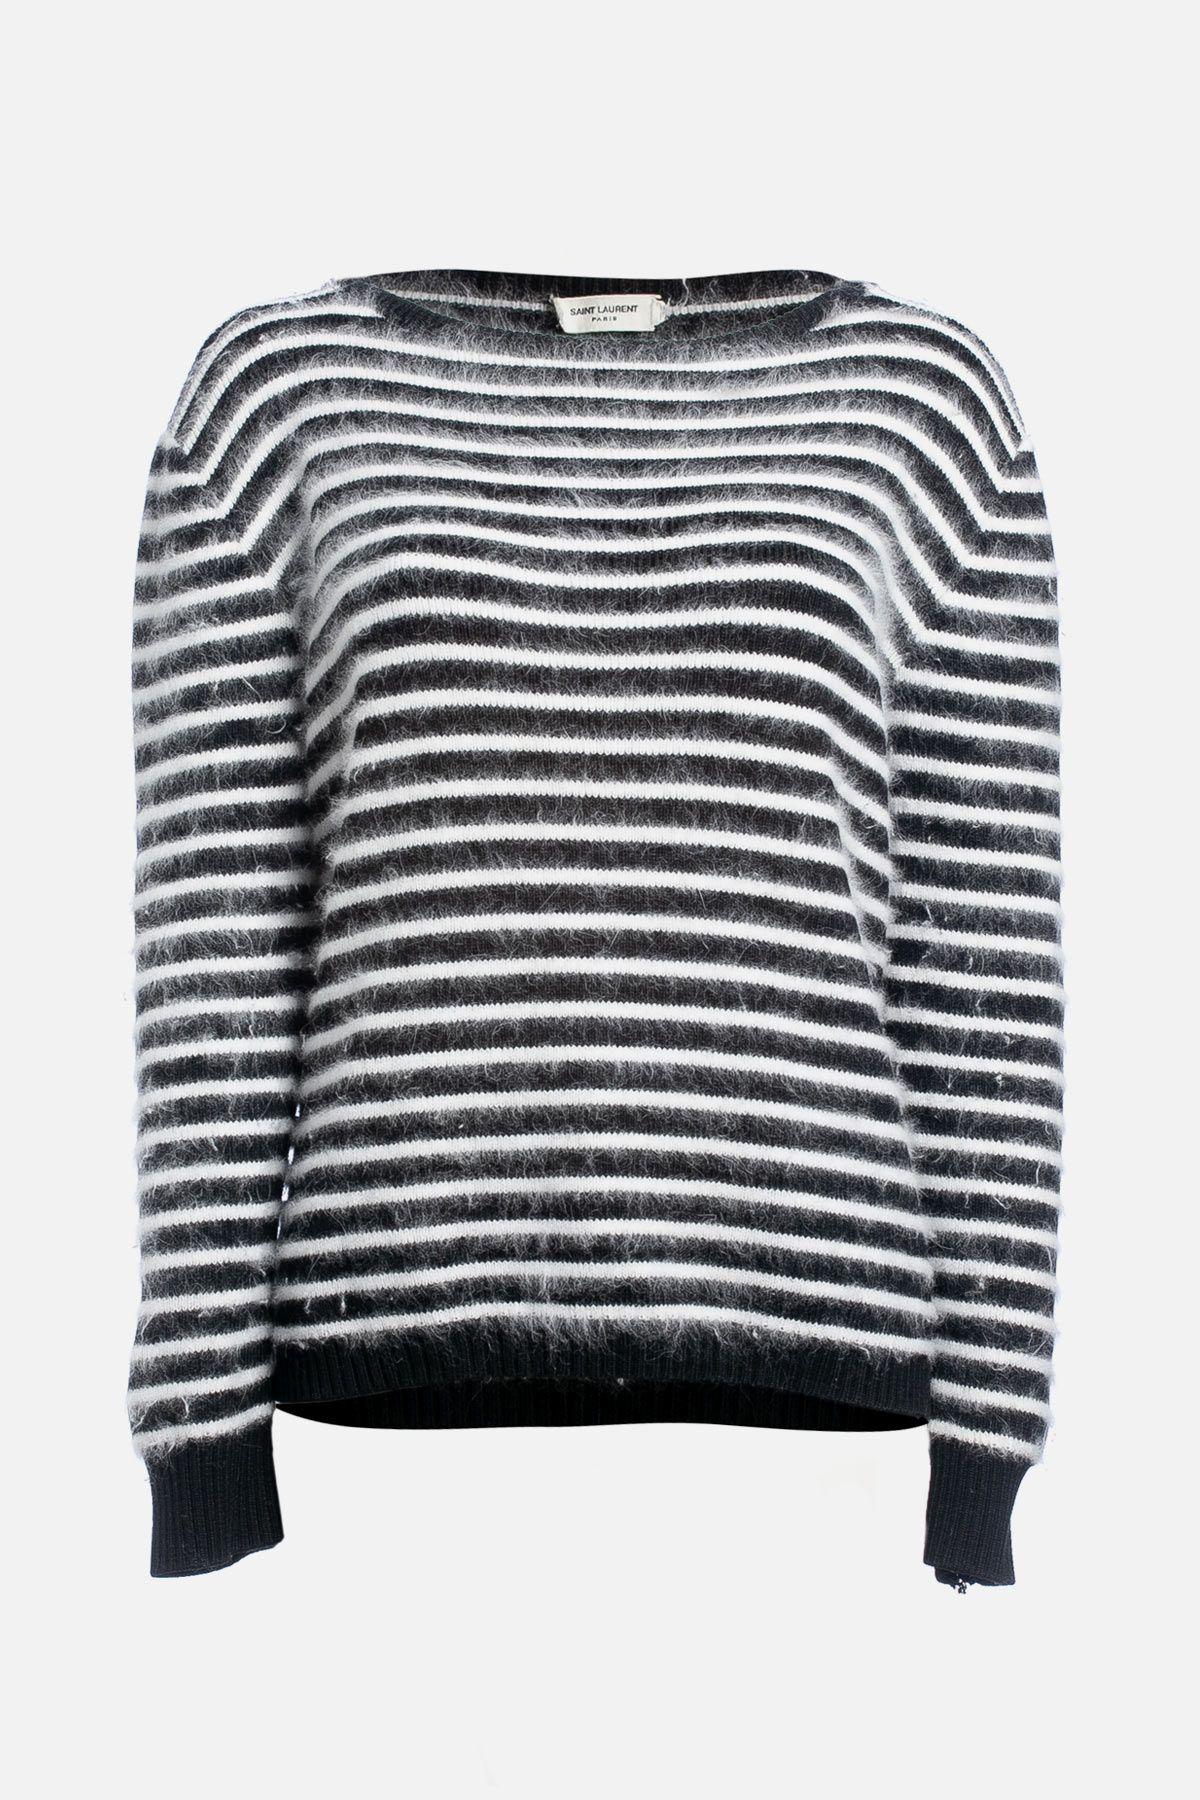 Virgin Wool Striped Sweater